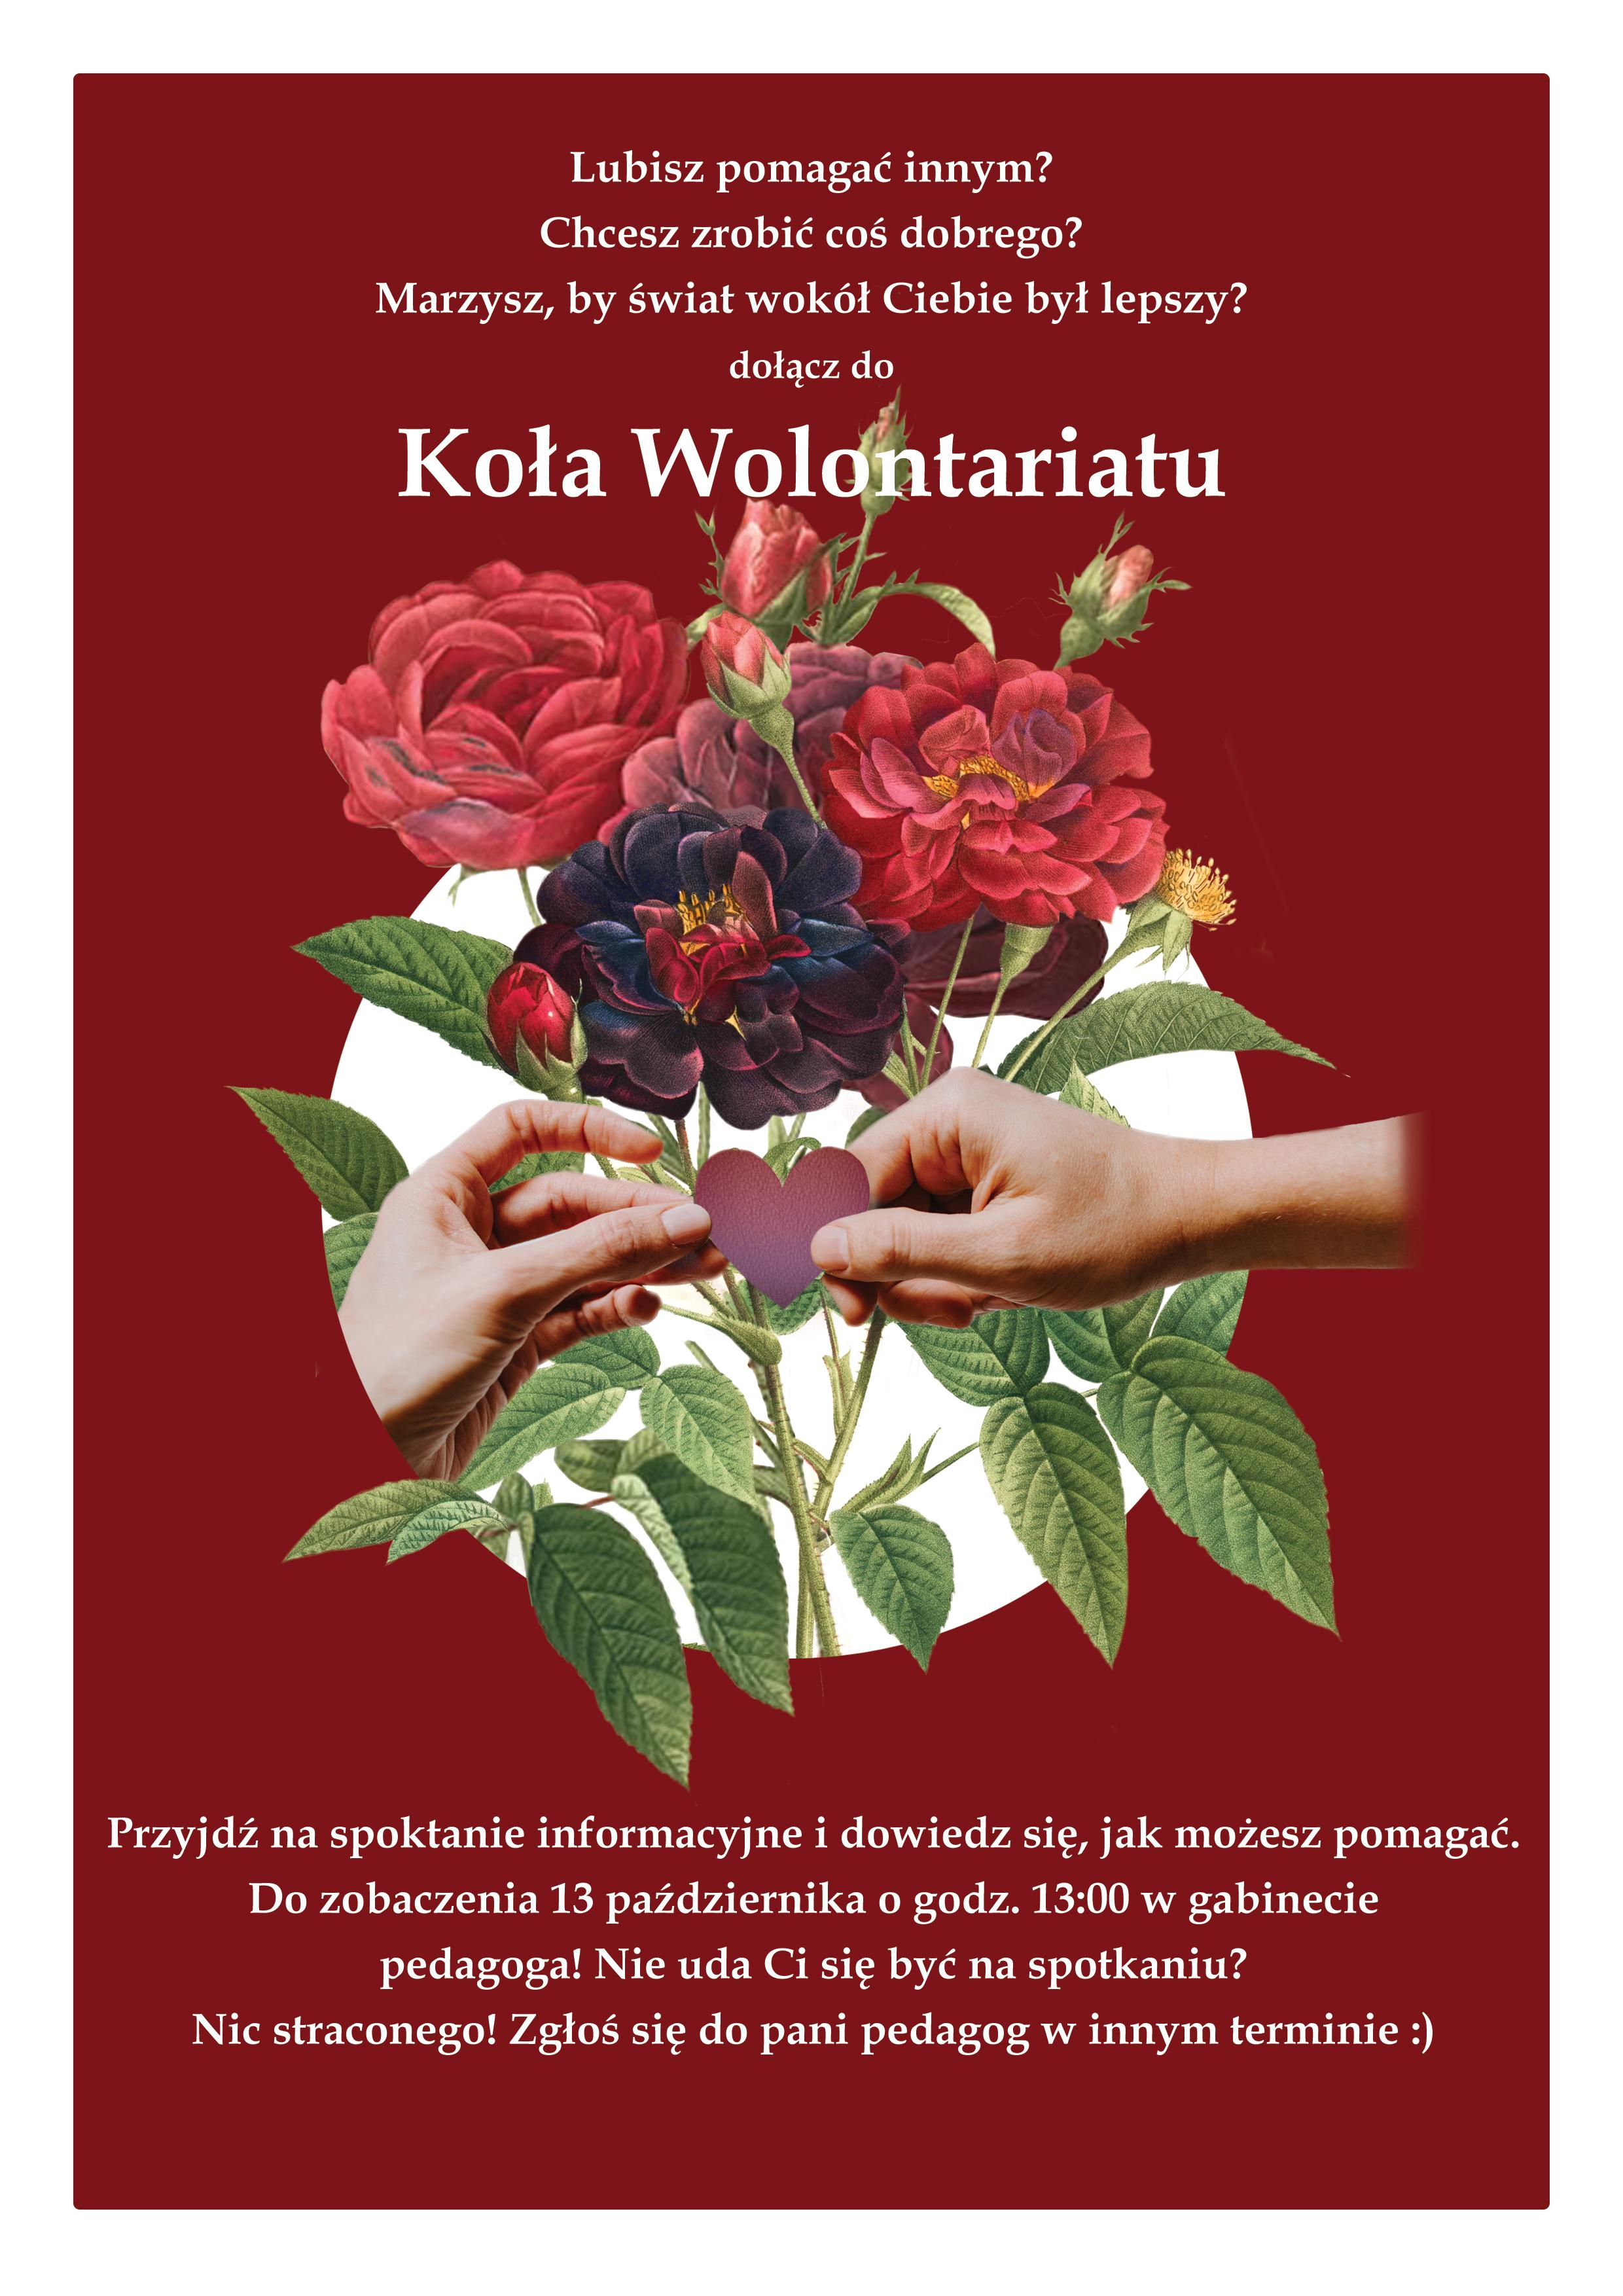 kolo_wolontariatu